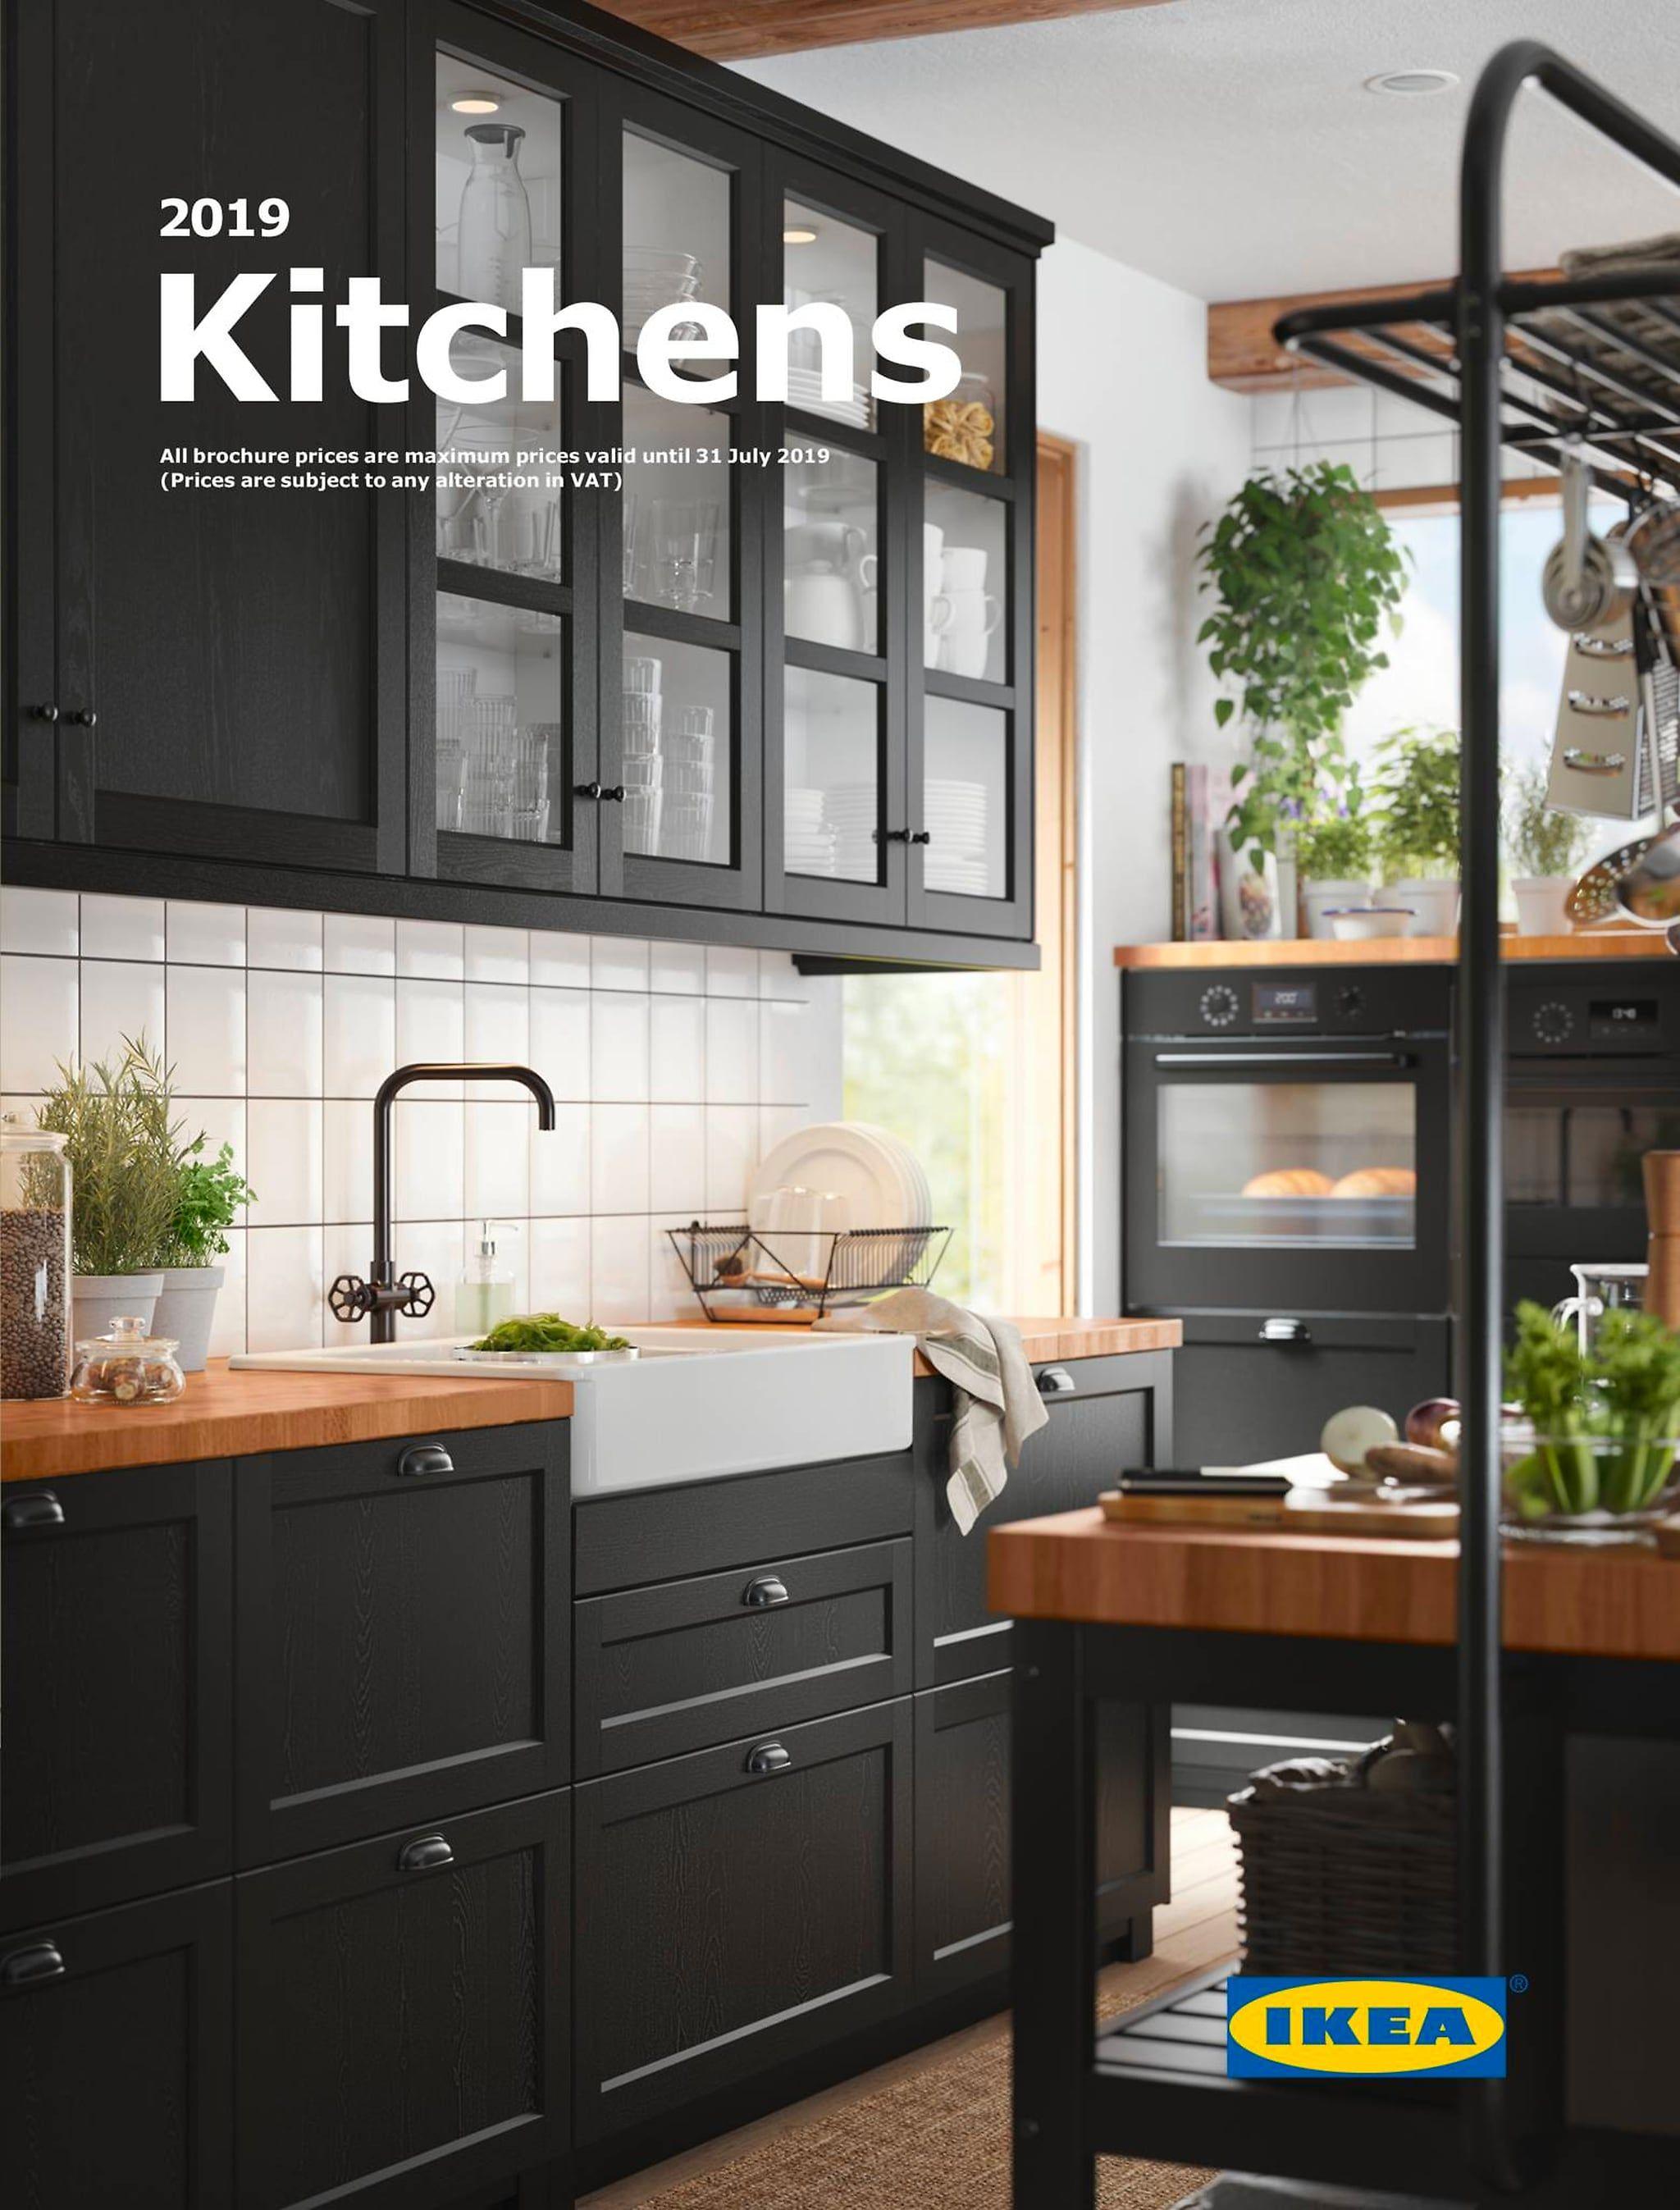 Top Cucina Ikea Prezzi foto cucine moderne ikea